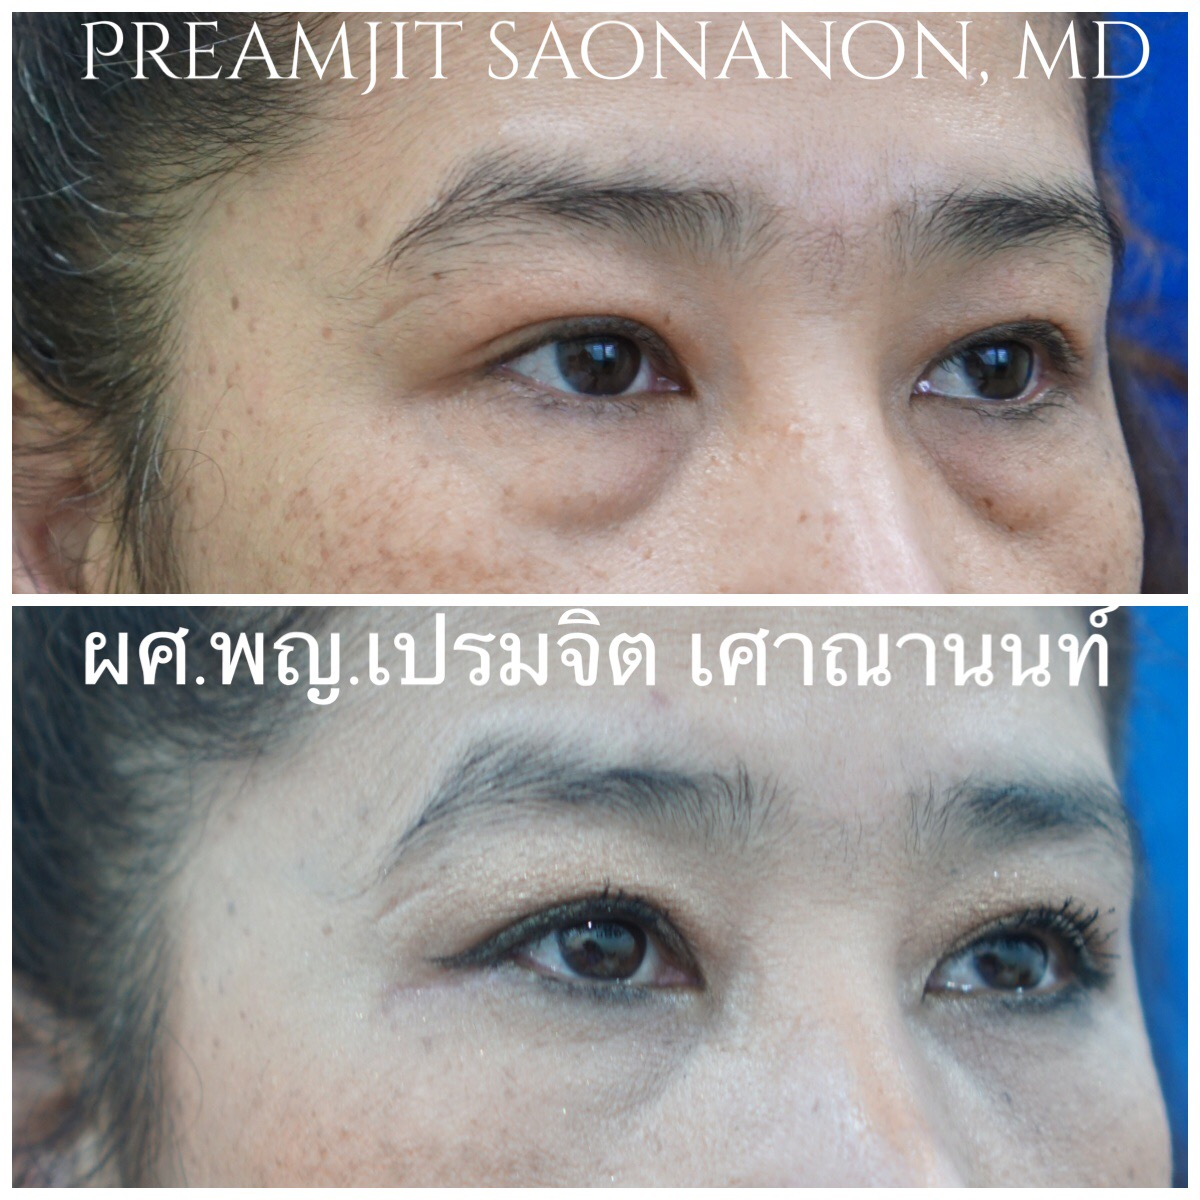 ผ่าตัดถุงใต้ตาและย้ายไขมันใต้ตา